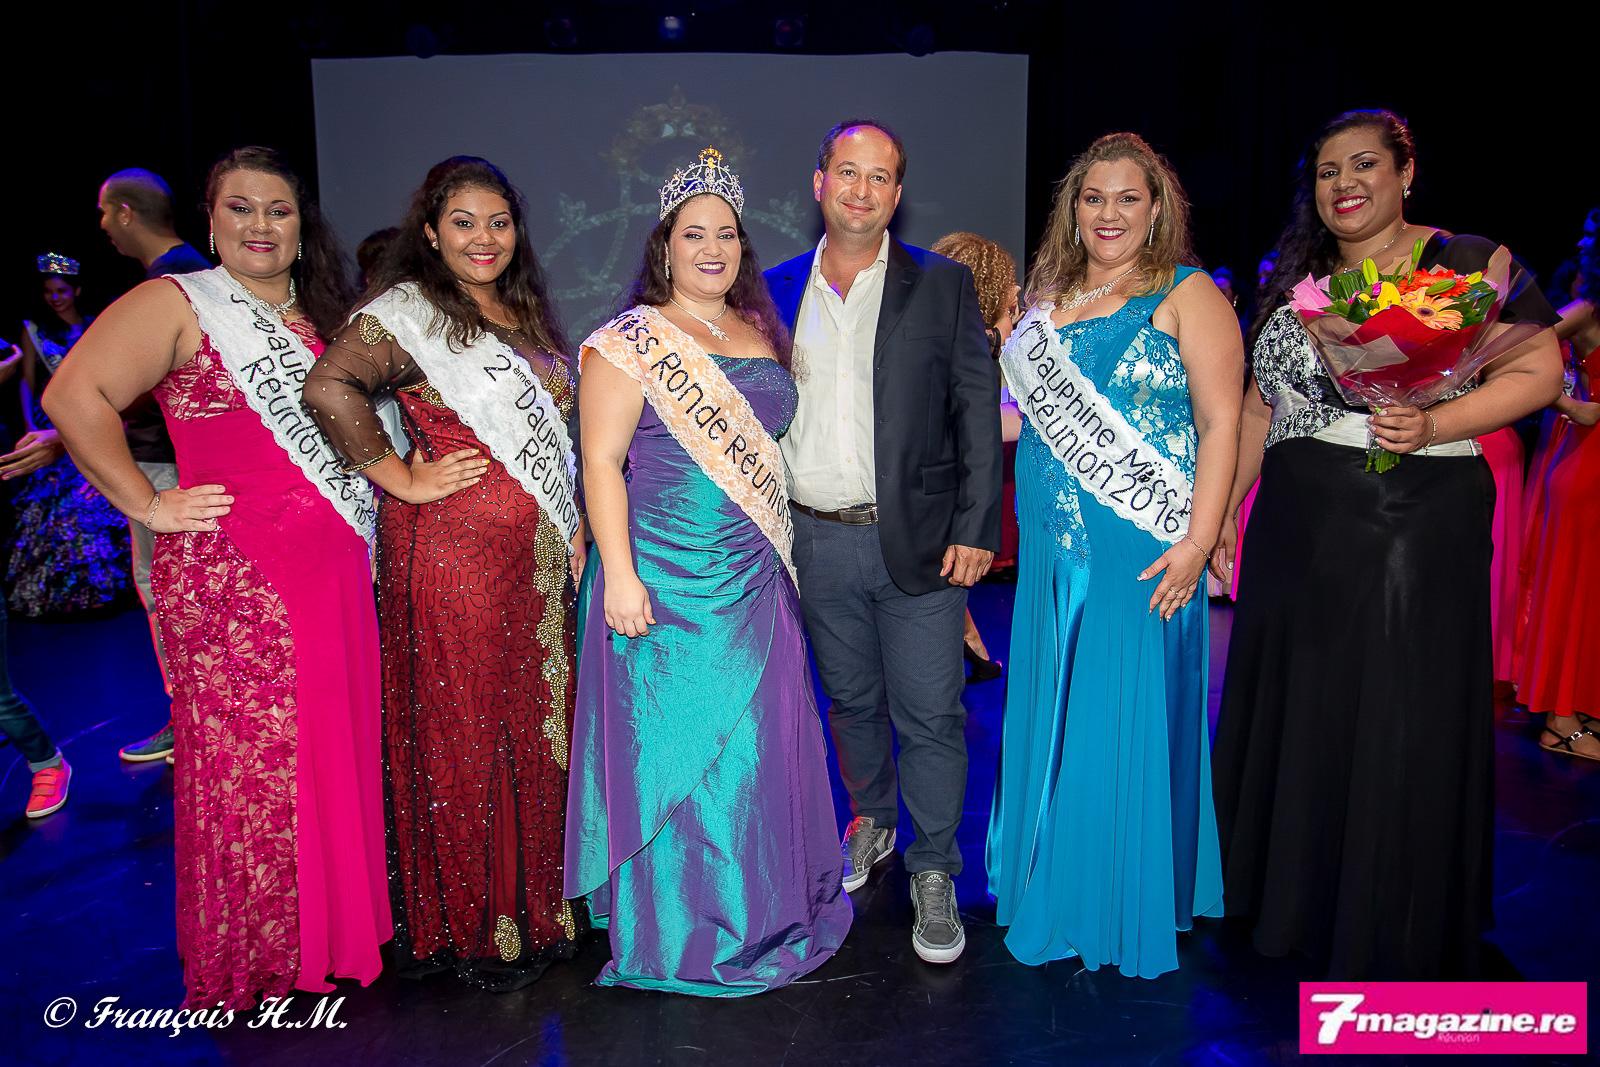 Avec Guillaume Lougnon, bénévole de Miss Ronde Réunion